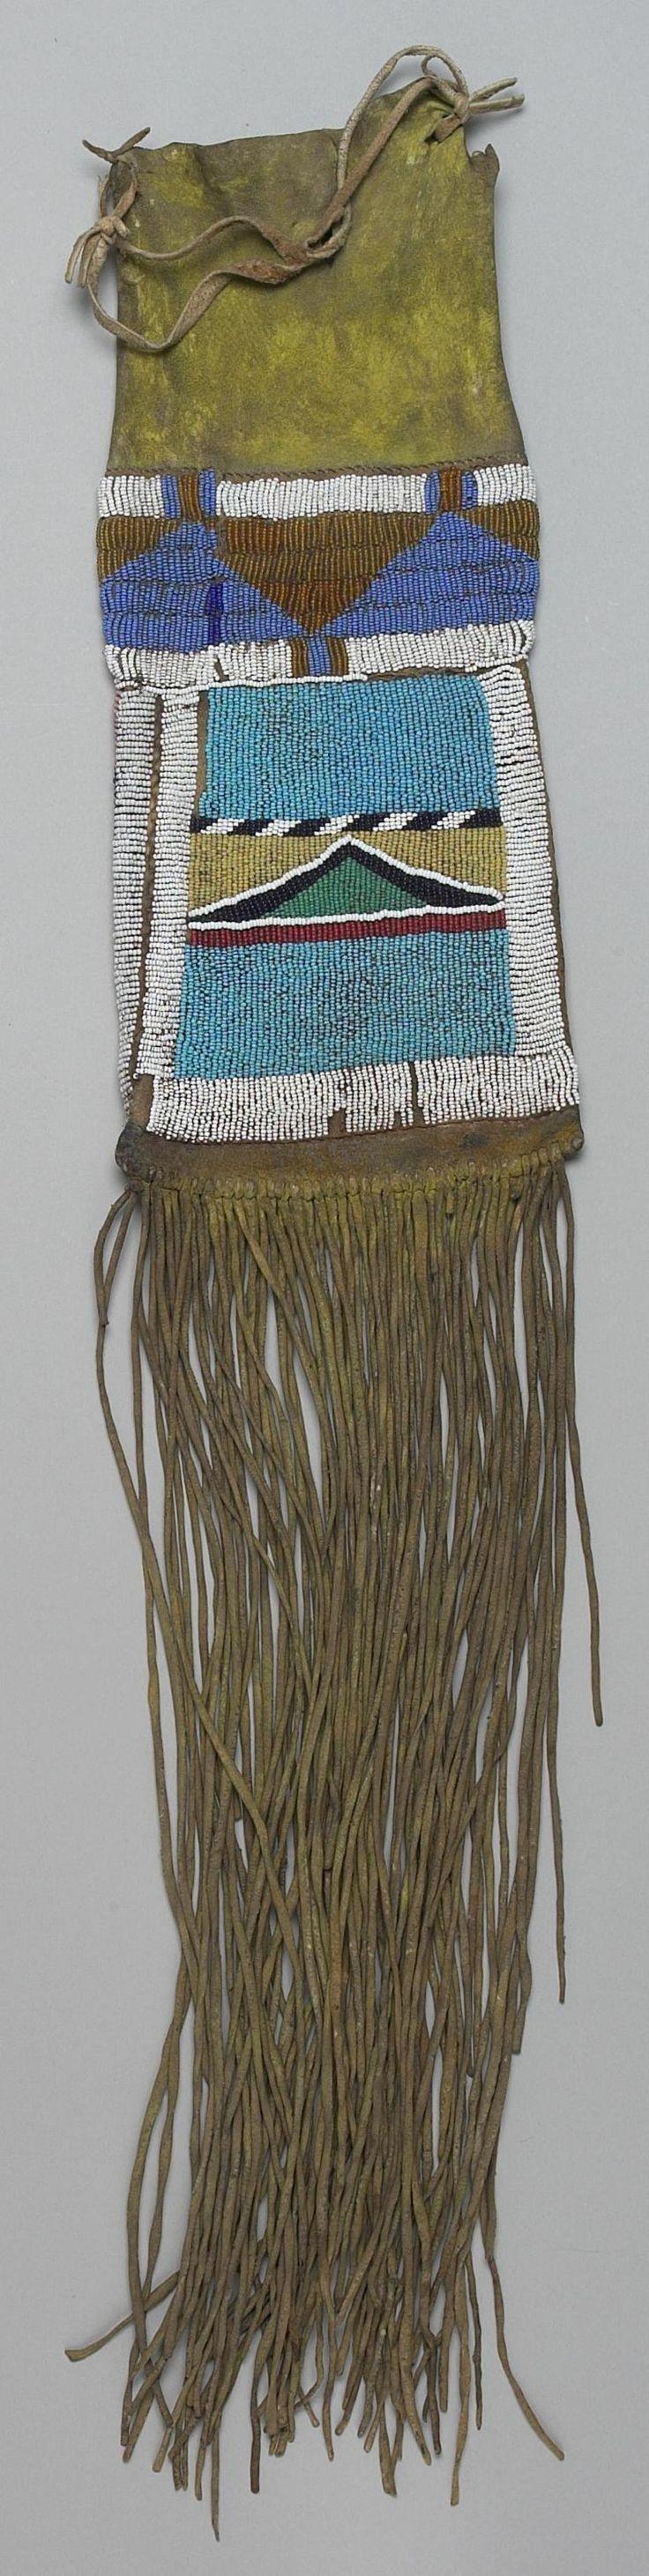 Сумка для трубки, Черноногие. 1890 г